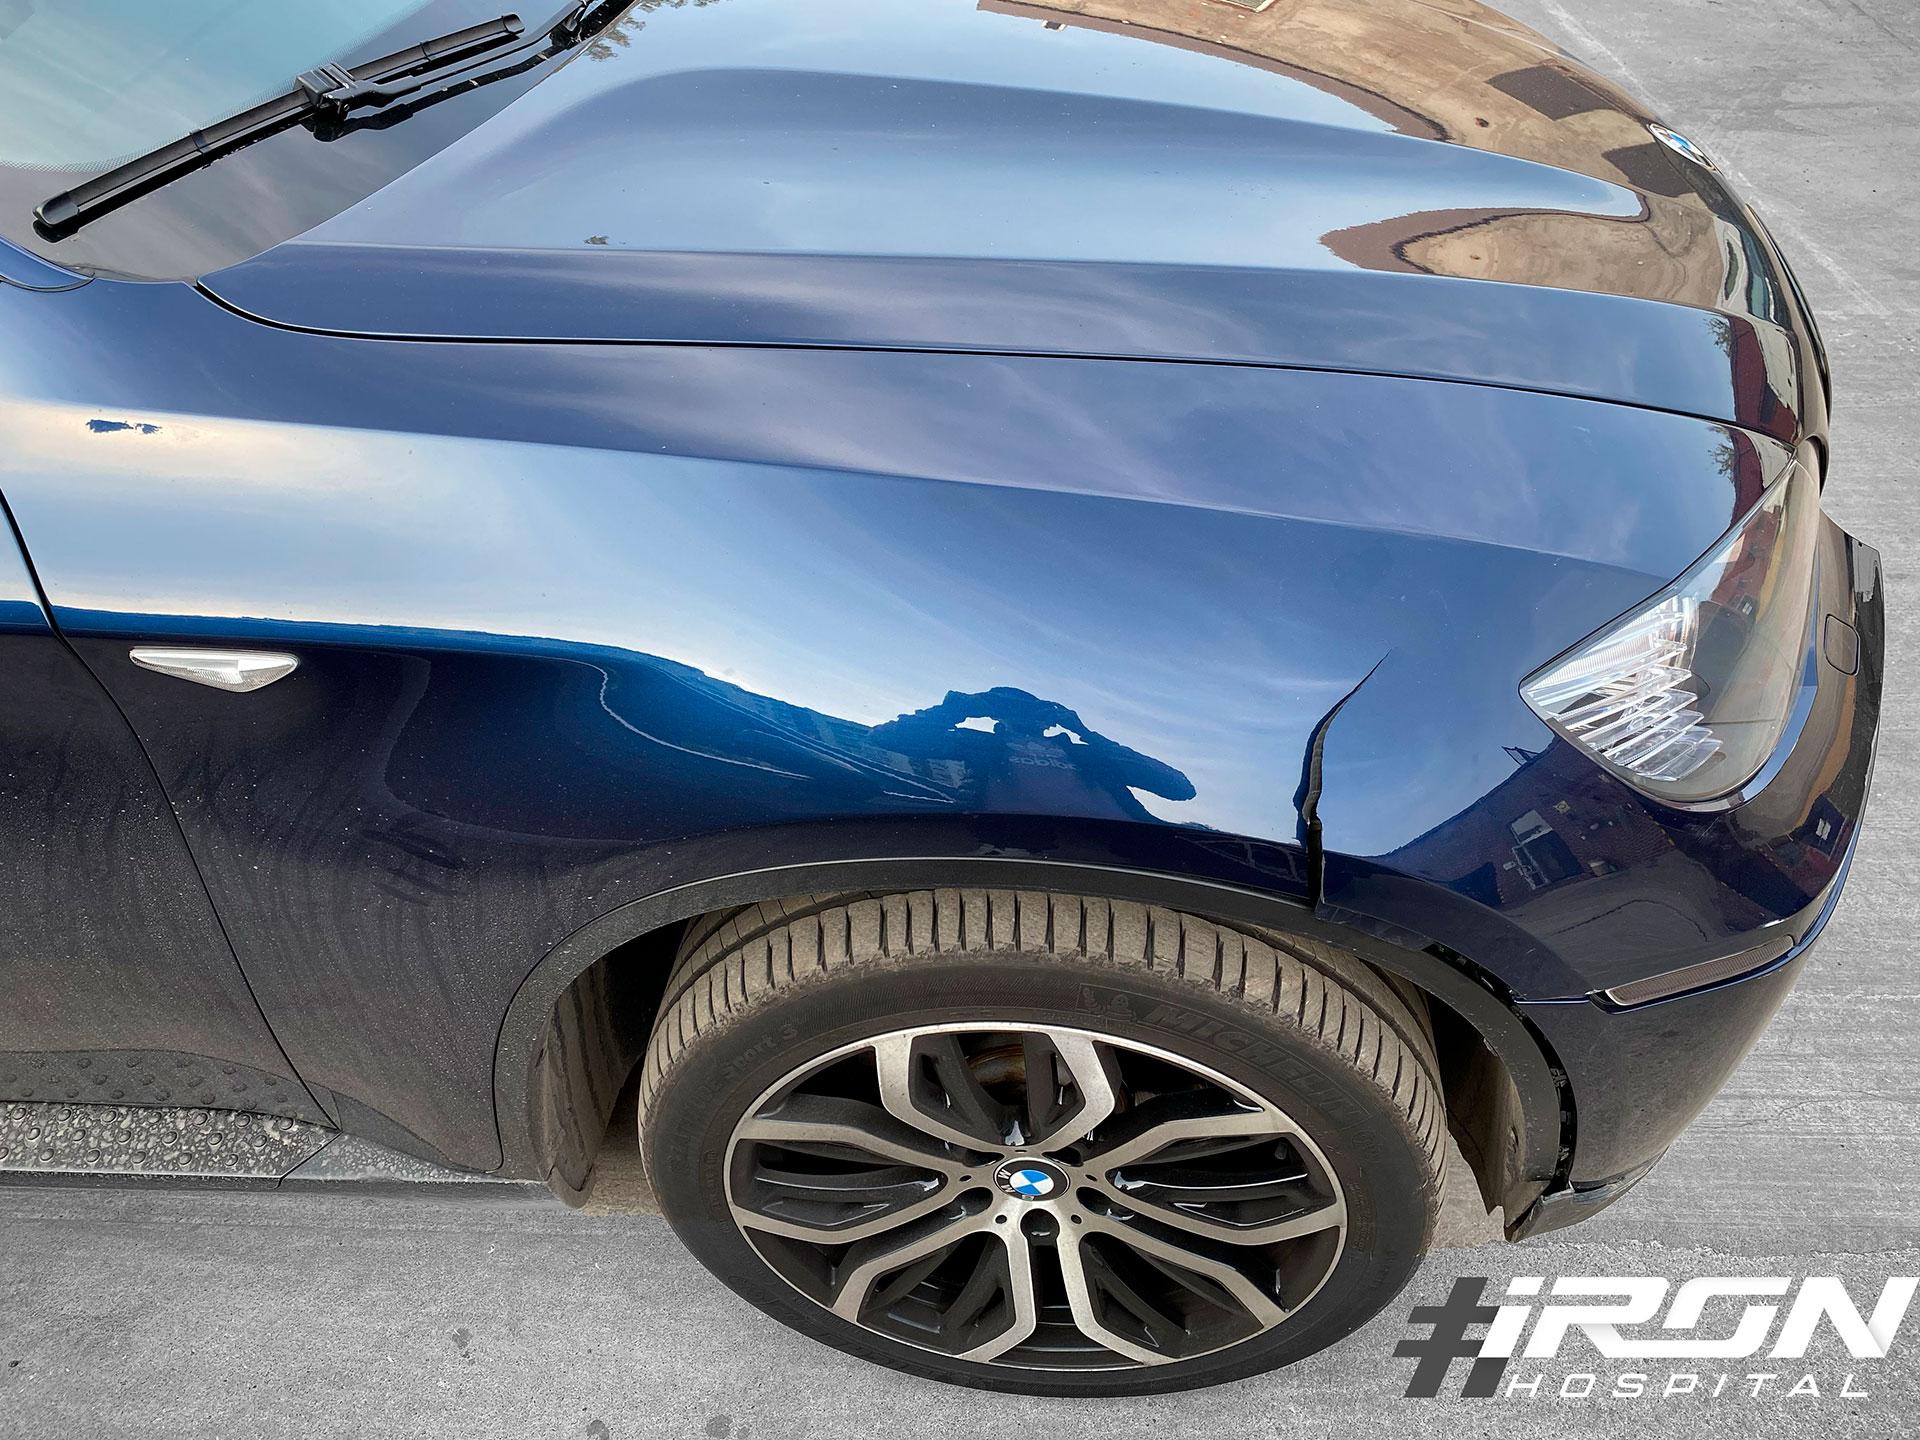 Сильное повреждение на крыле BMW X6, но мы сможем его отремонтировать